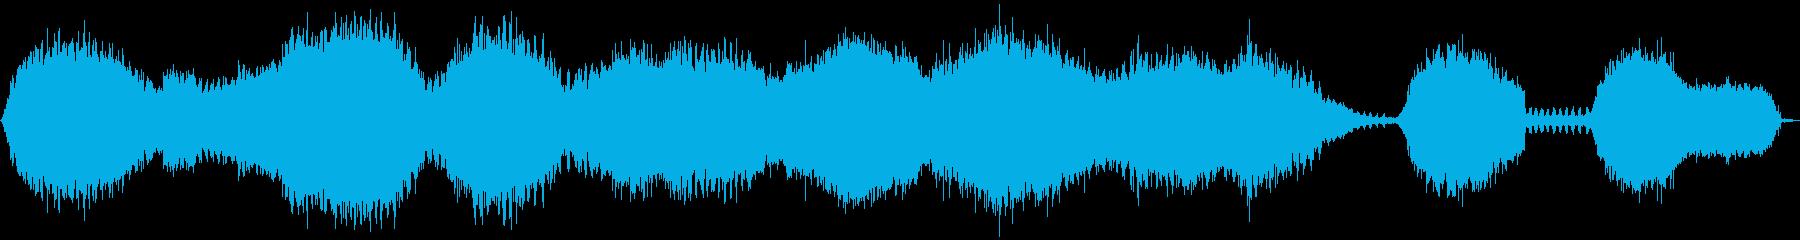 複数匹のハルゼミの鳴き声の再生済みの波形